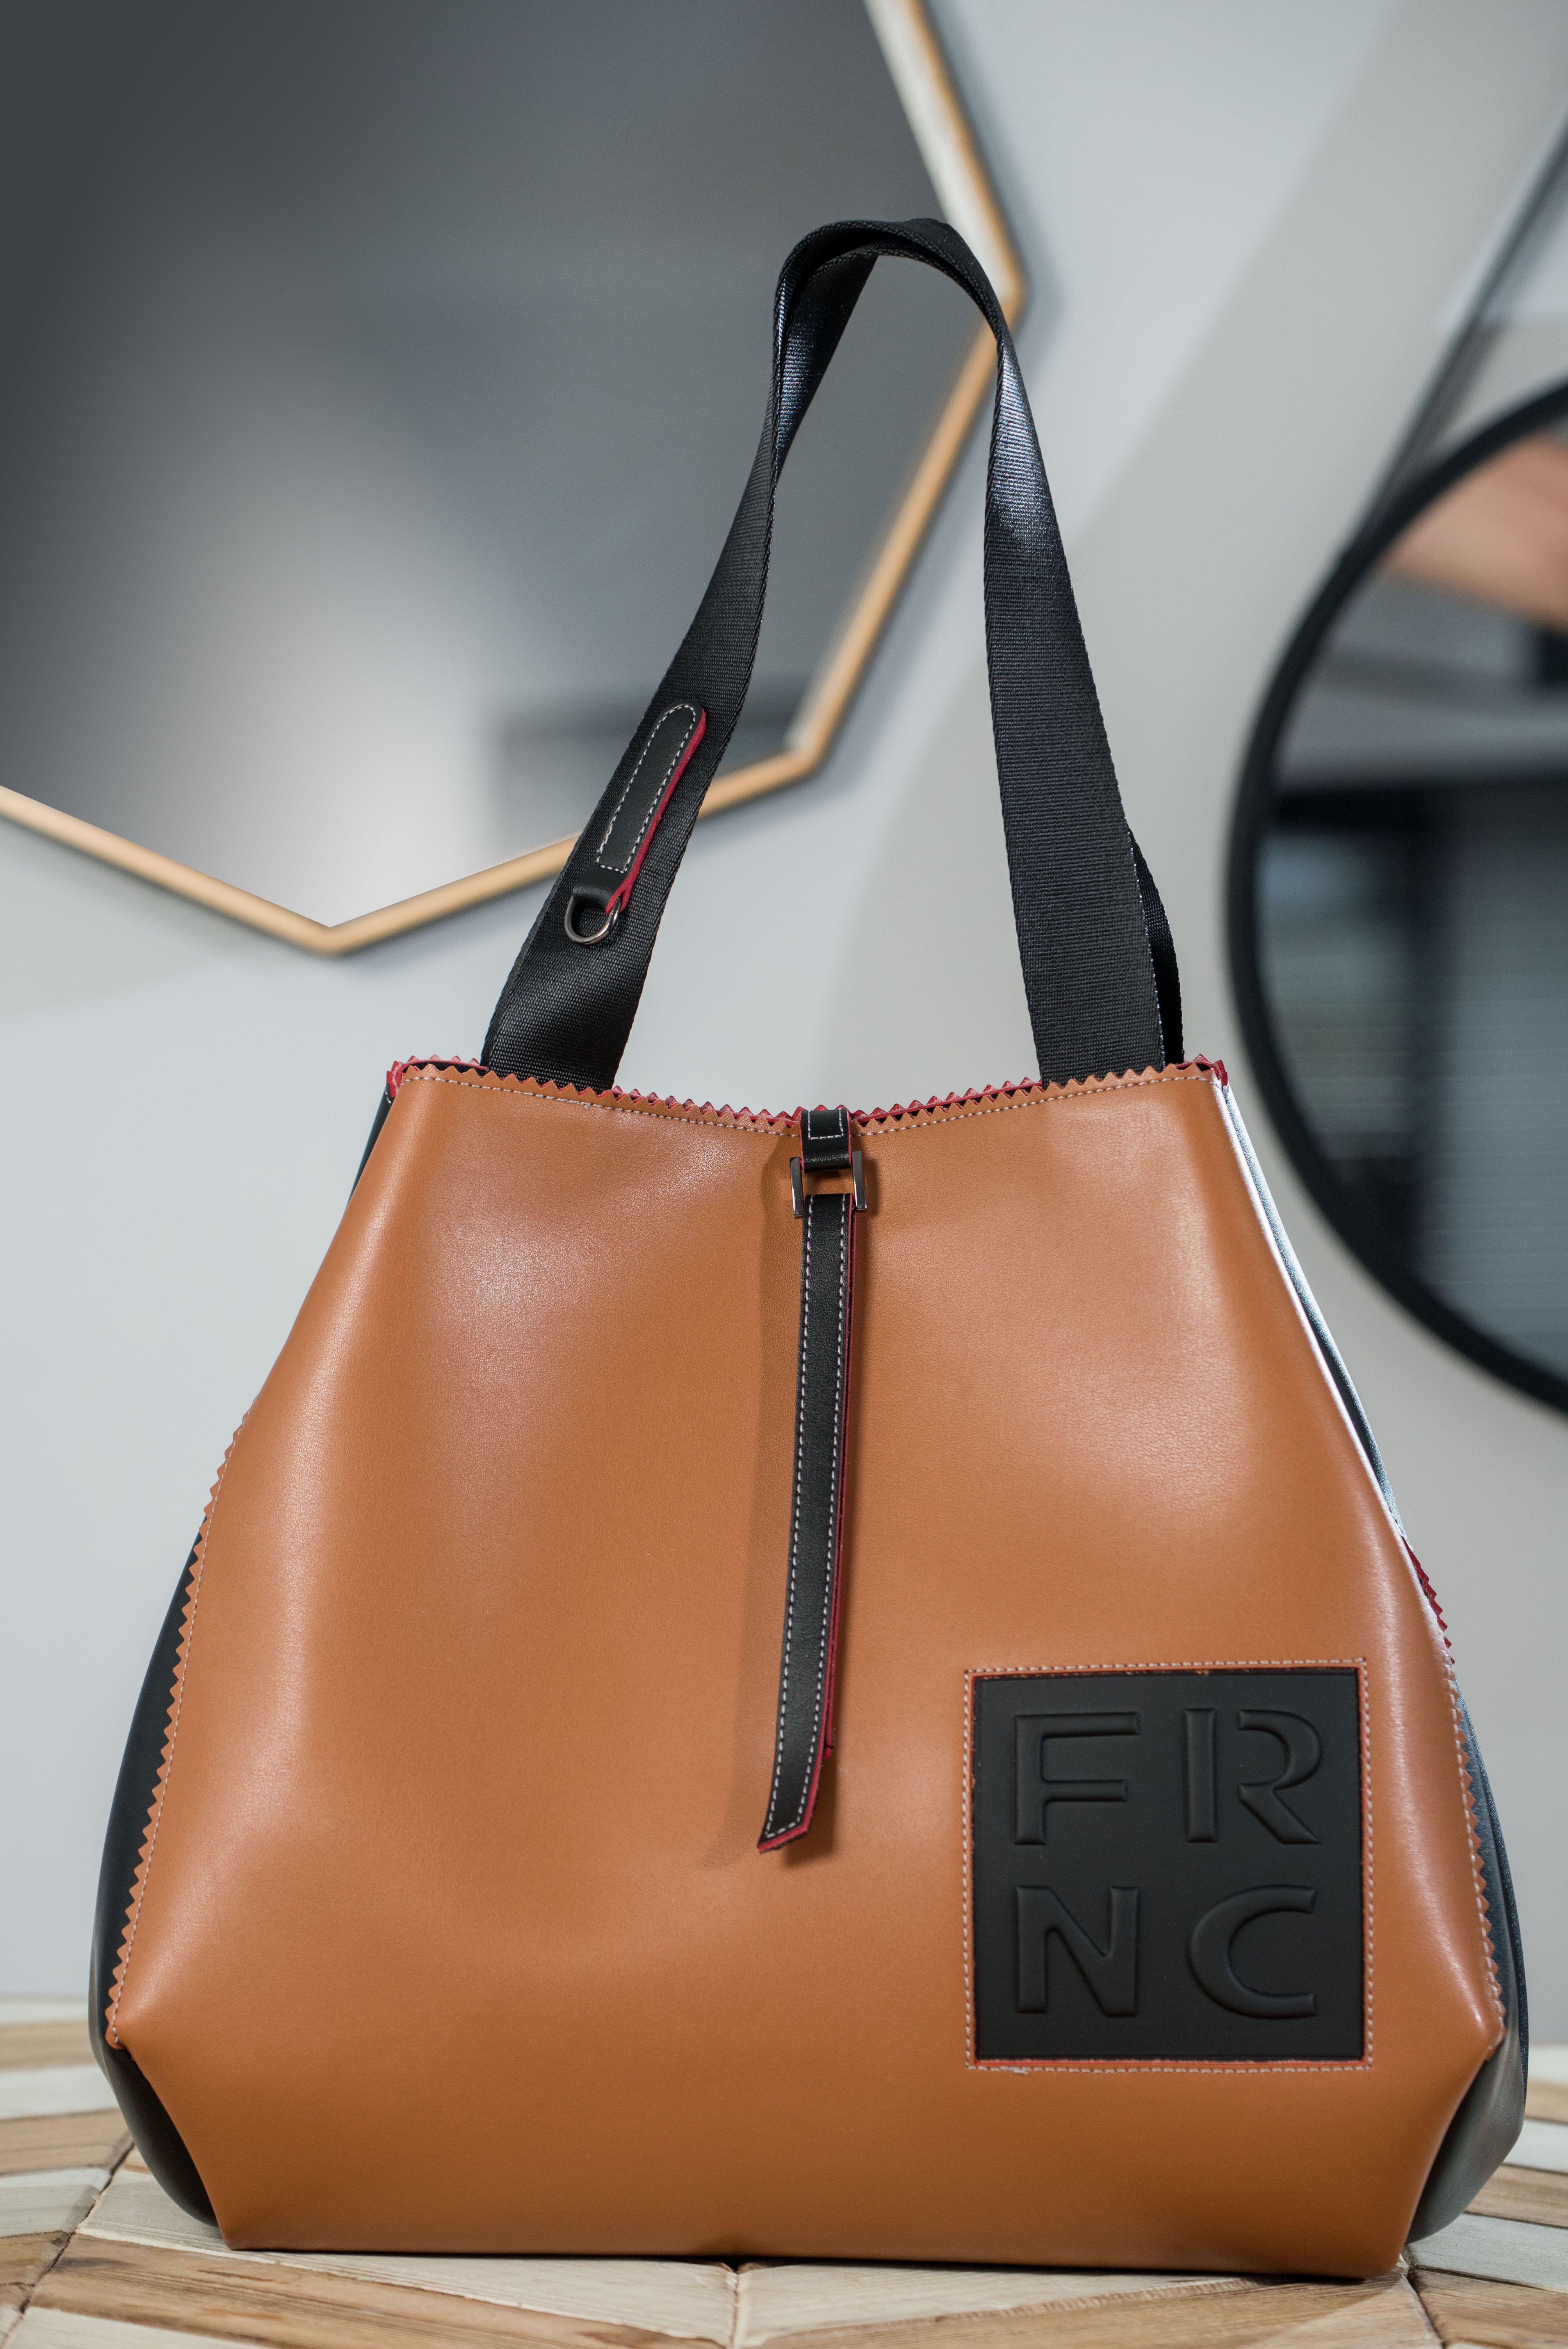 frnc  frnc bags  bags  camel  5d736610c6d